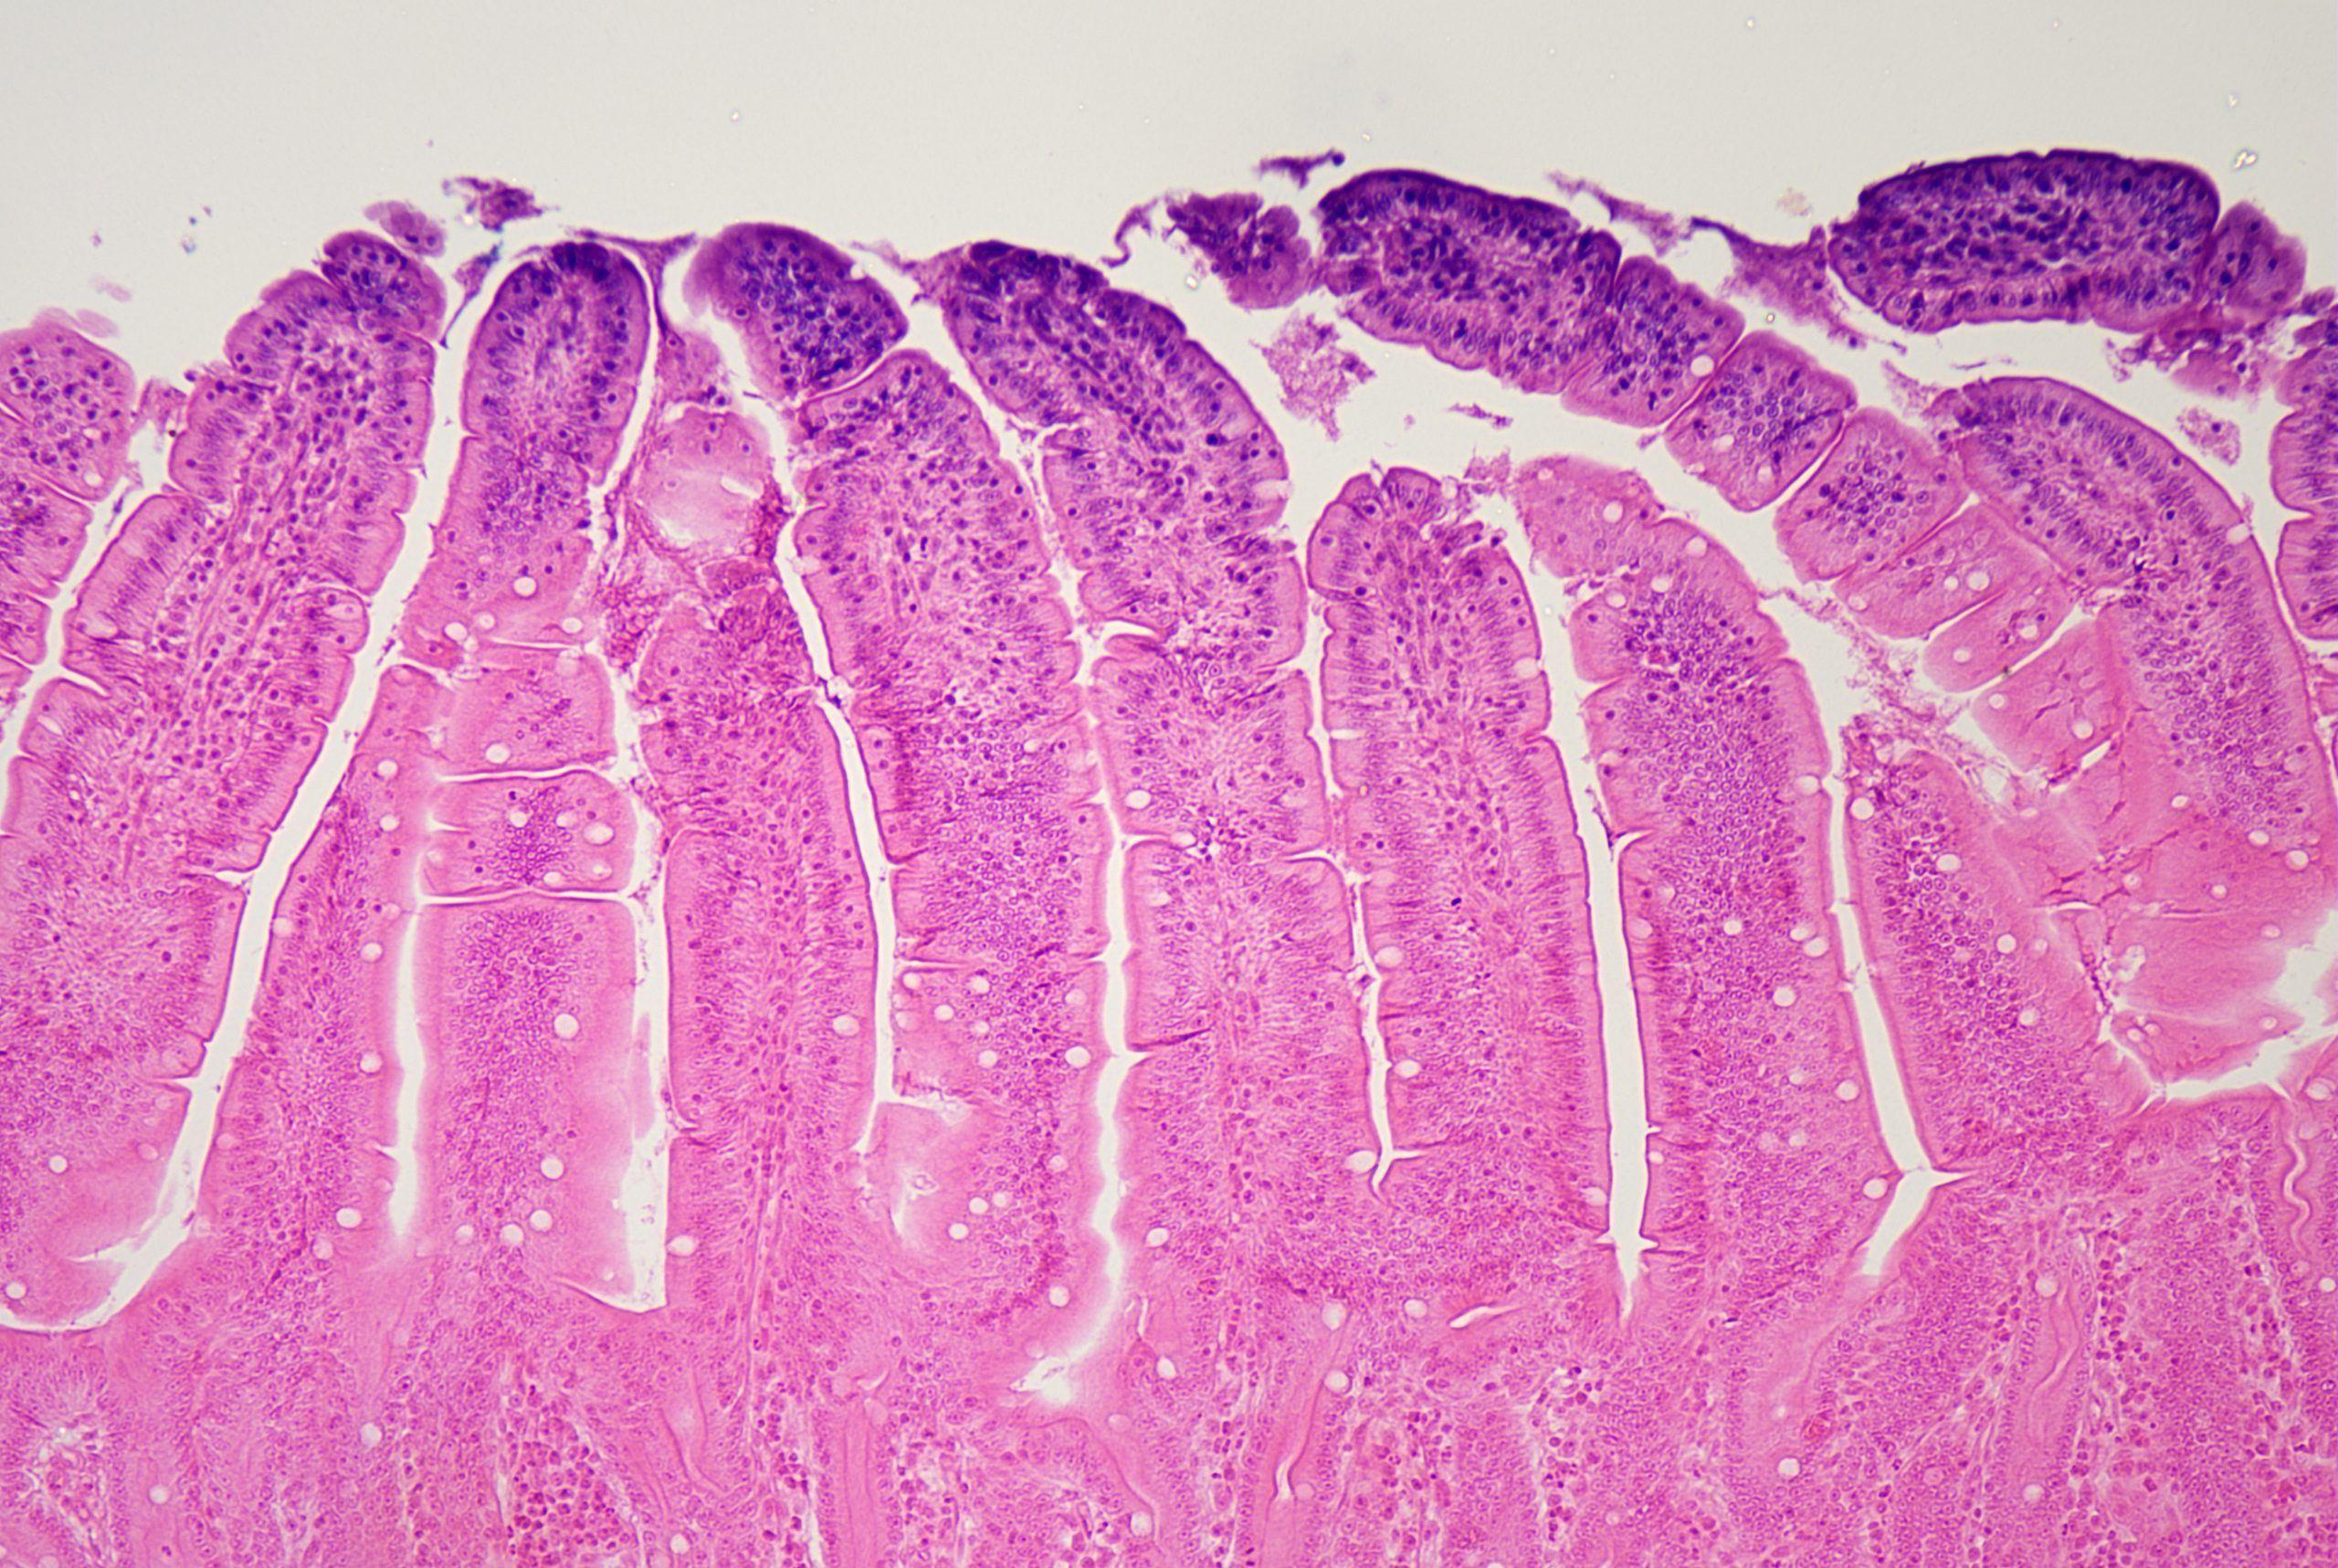 duodenal cells